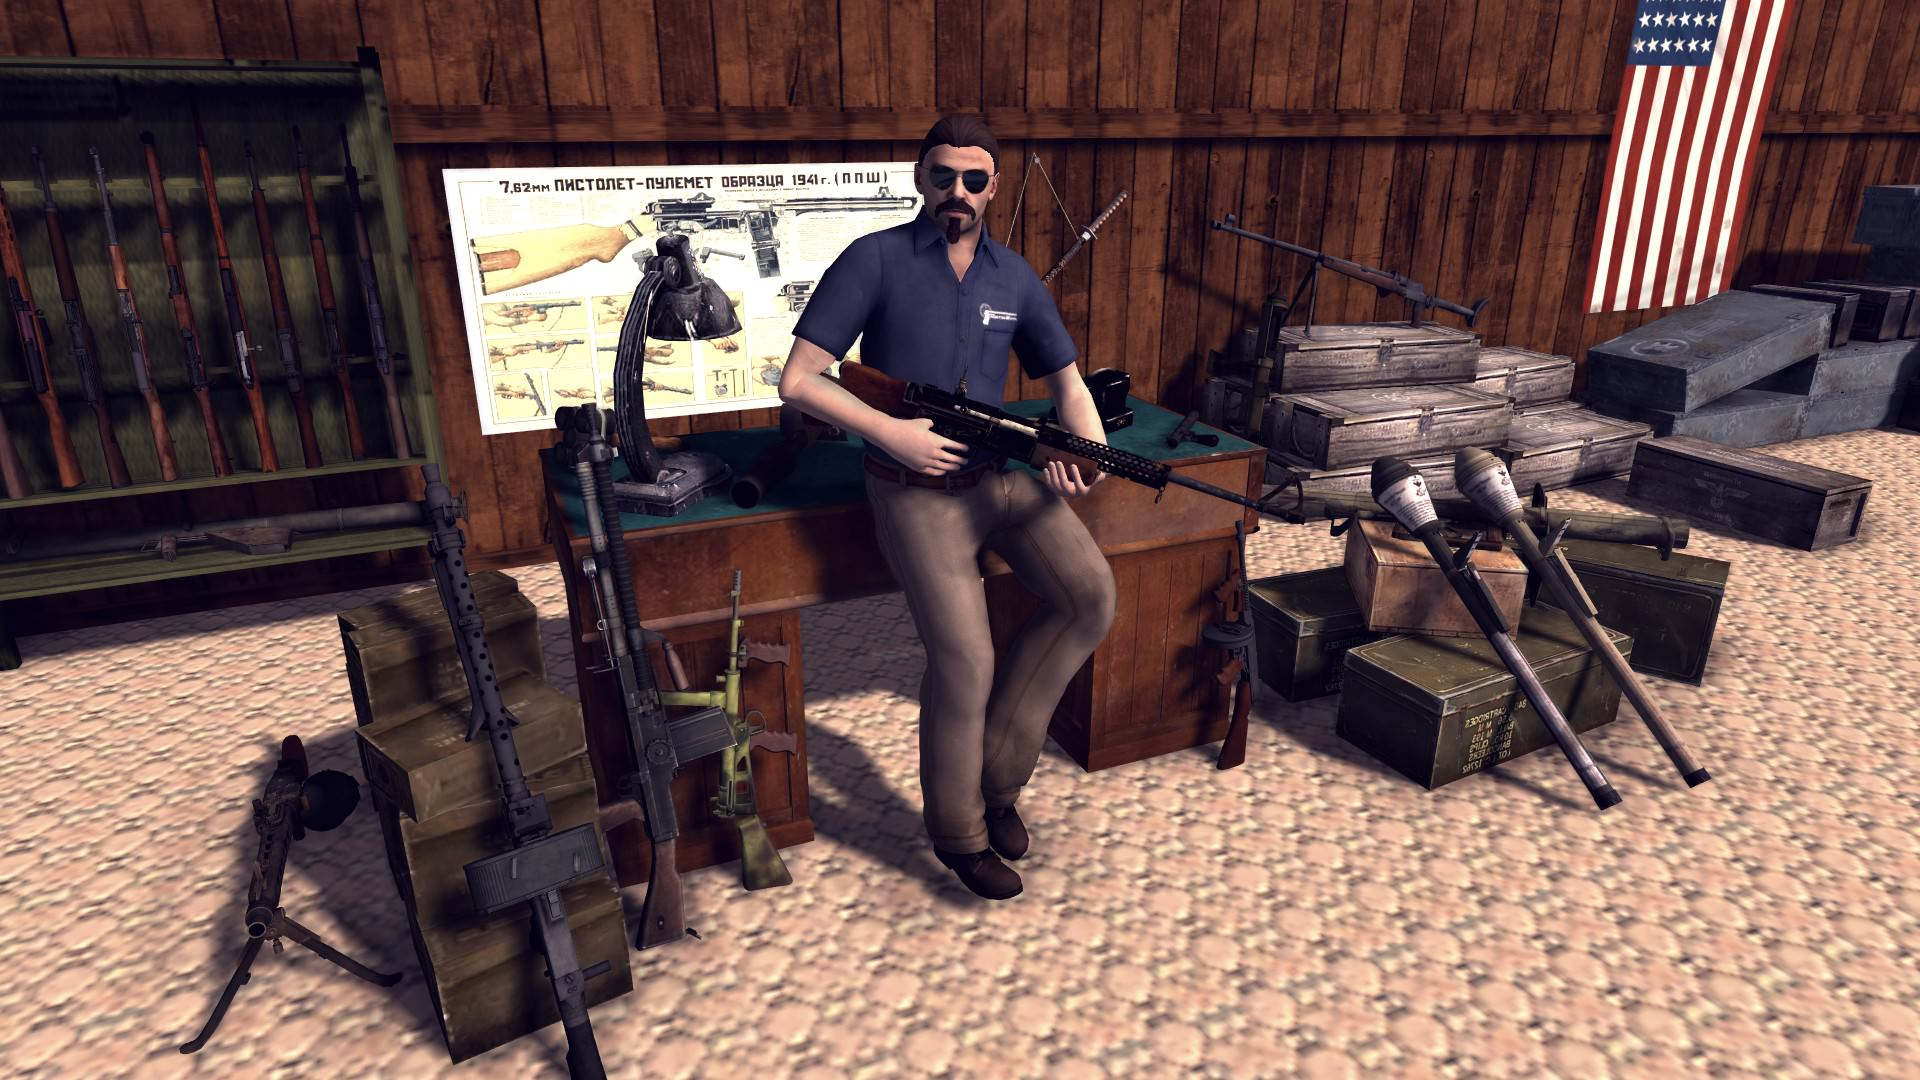 Скачать файл Guns for RobZ Realism Mod (AS2 — 3.262.0) (v02.11.2018)